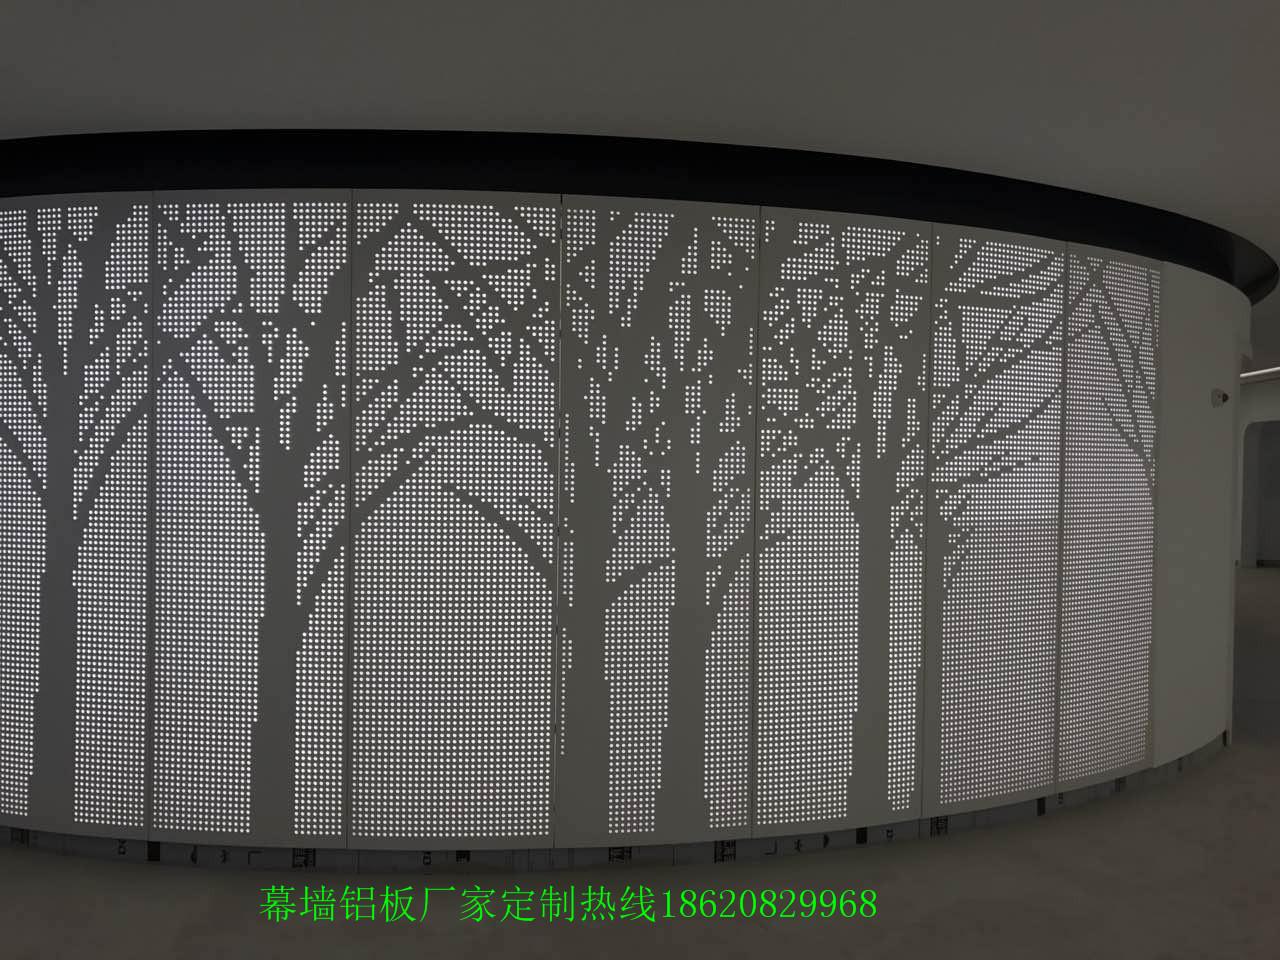 镂空铝单板&镂空铝单板价格&镂空铝单板安装